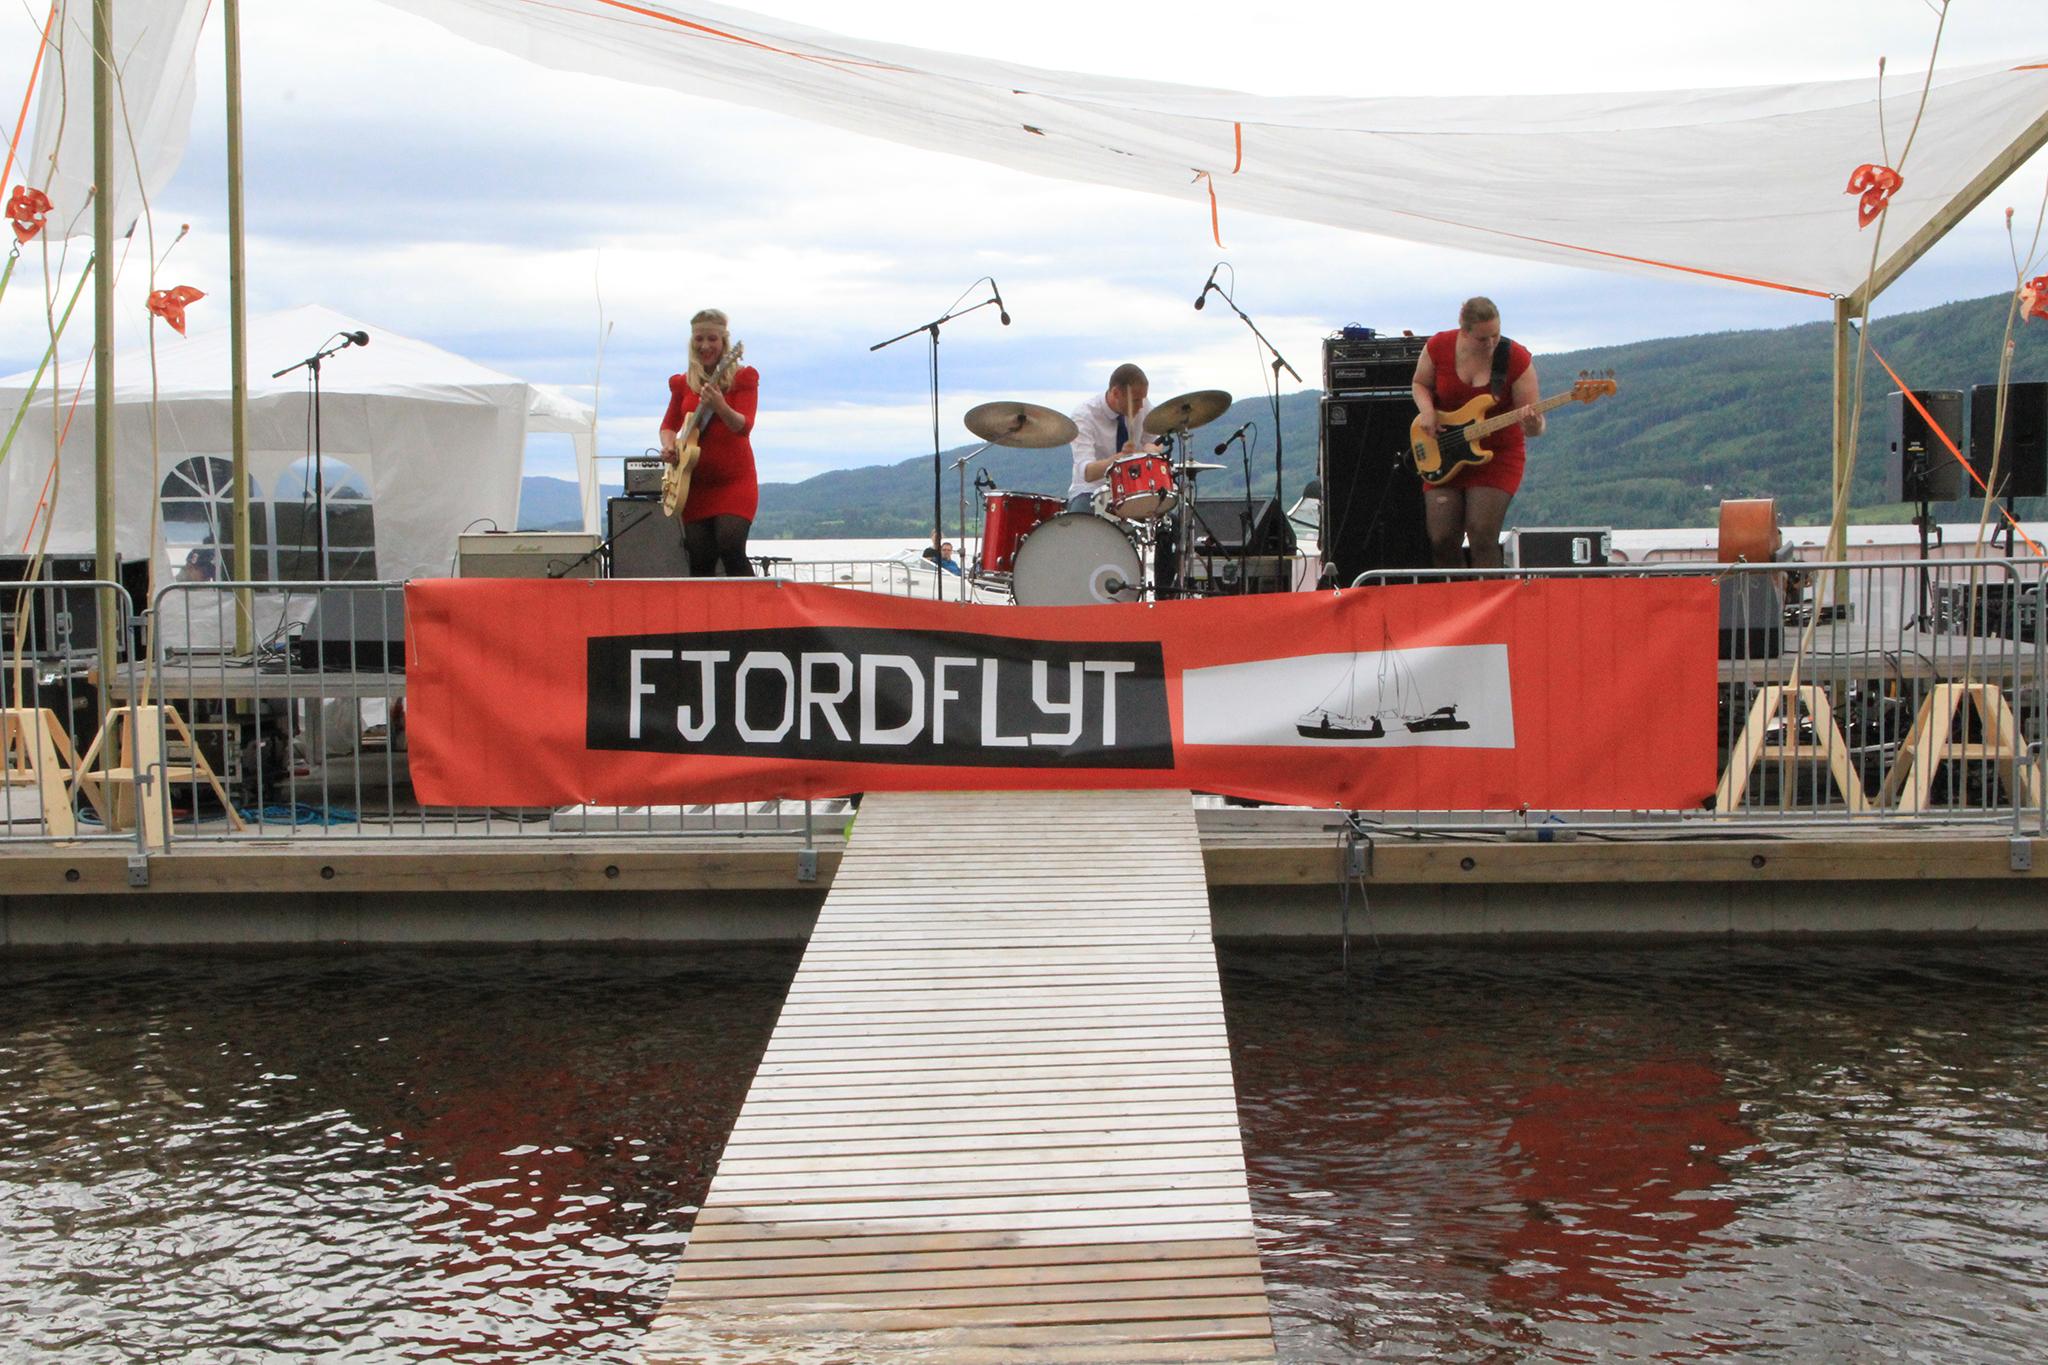 2017-Fjorflyt-foto-M-konow-(51)FBR.jpg